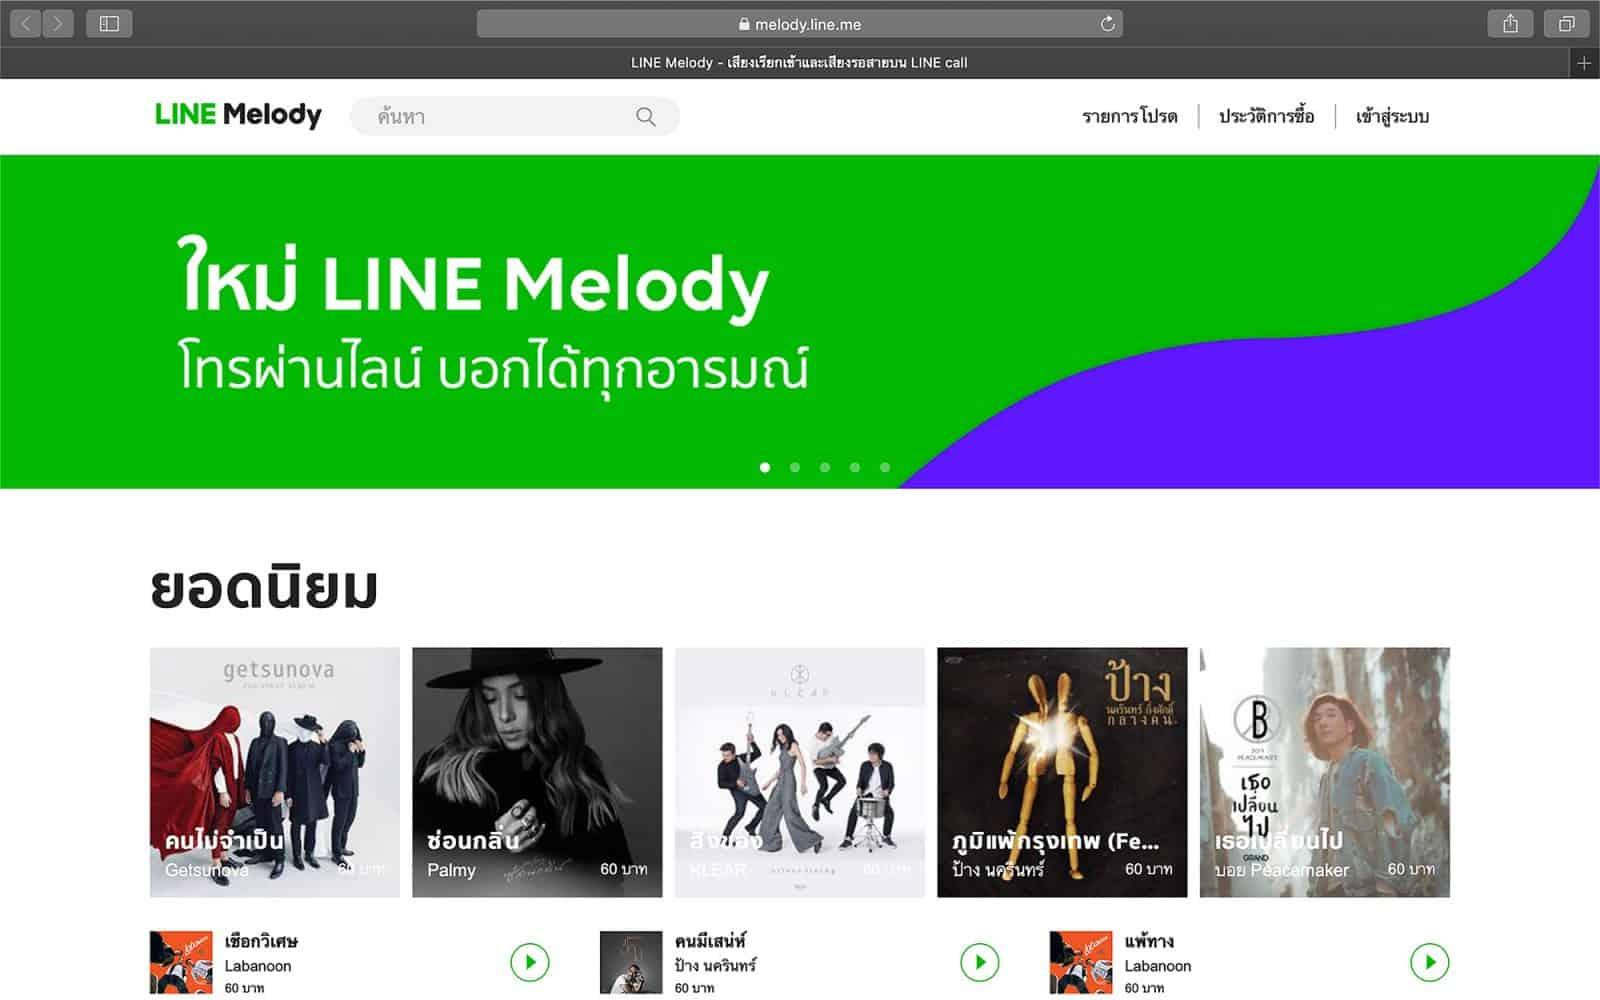 มารู้จัก LINE เมโลดี้ เปลี่ยนเสียงเรียกเข้าและเสียงรอสาย บนแอพ LINE ไม่ฟรี!